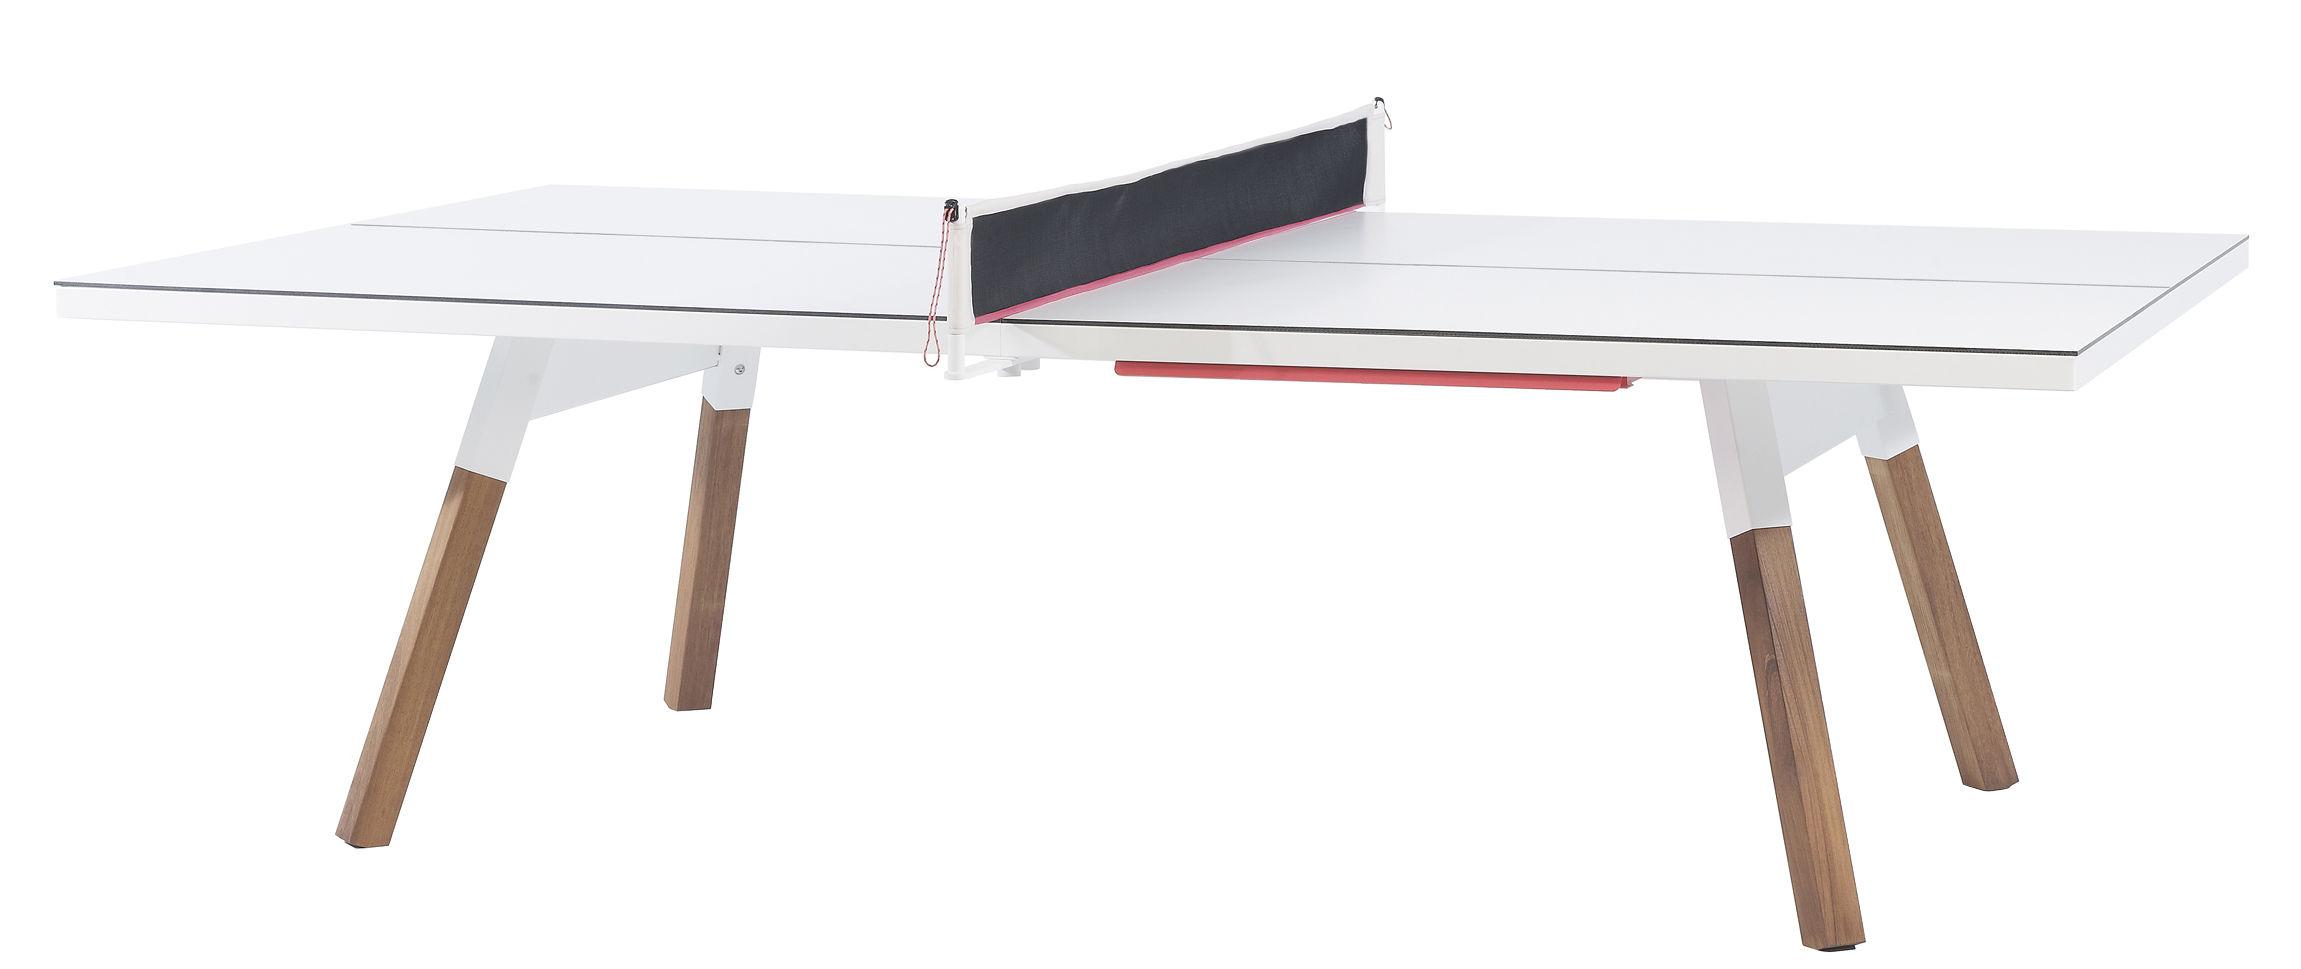 Outdoor - Tables de jardin - Table rectangulaire Y&M / L 274 cm - Table ping pong & repas - RS BARCELONA - Blanc / Pieds bois - Acier, Bois Iroko, HPL